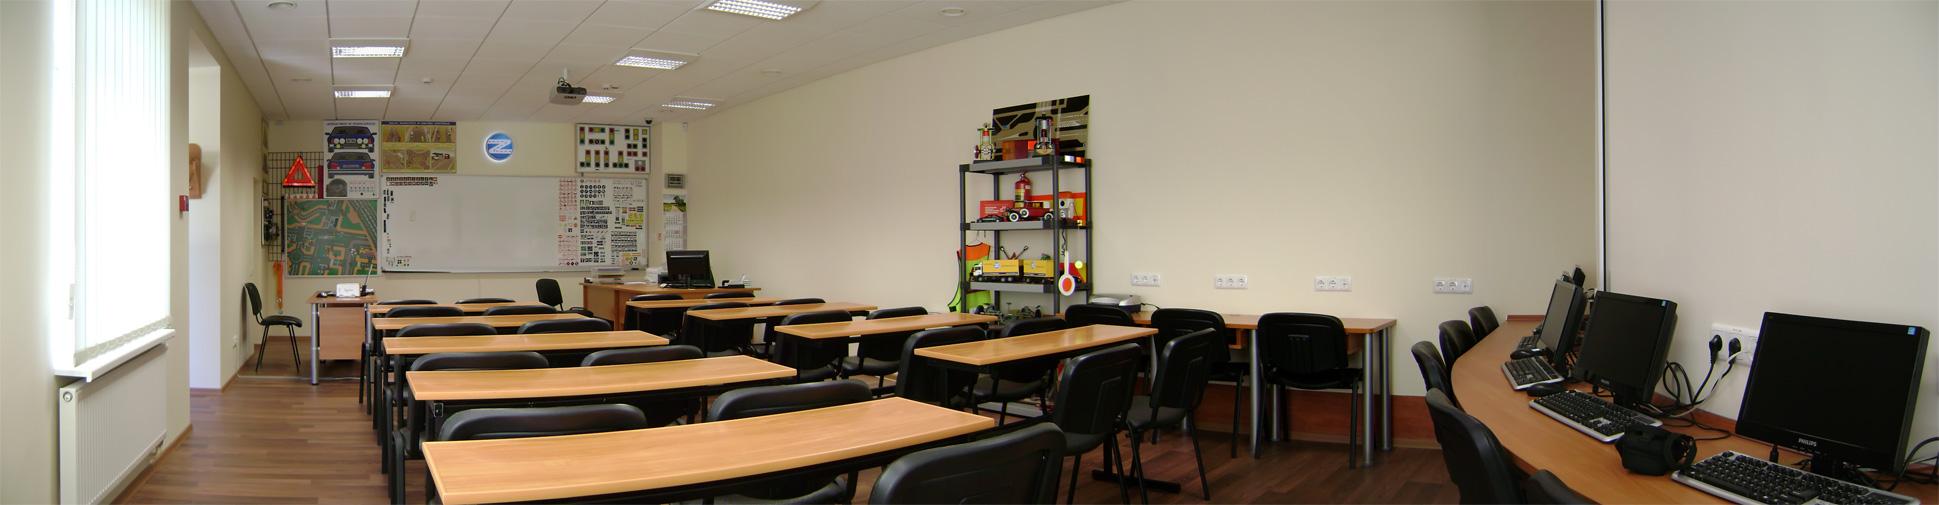 Mokomosios klasės panorama